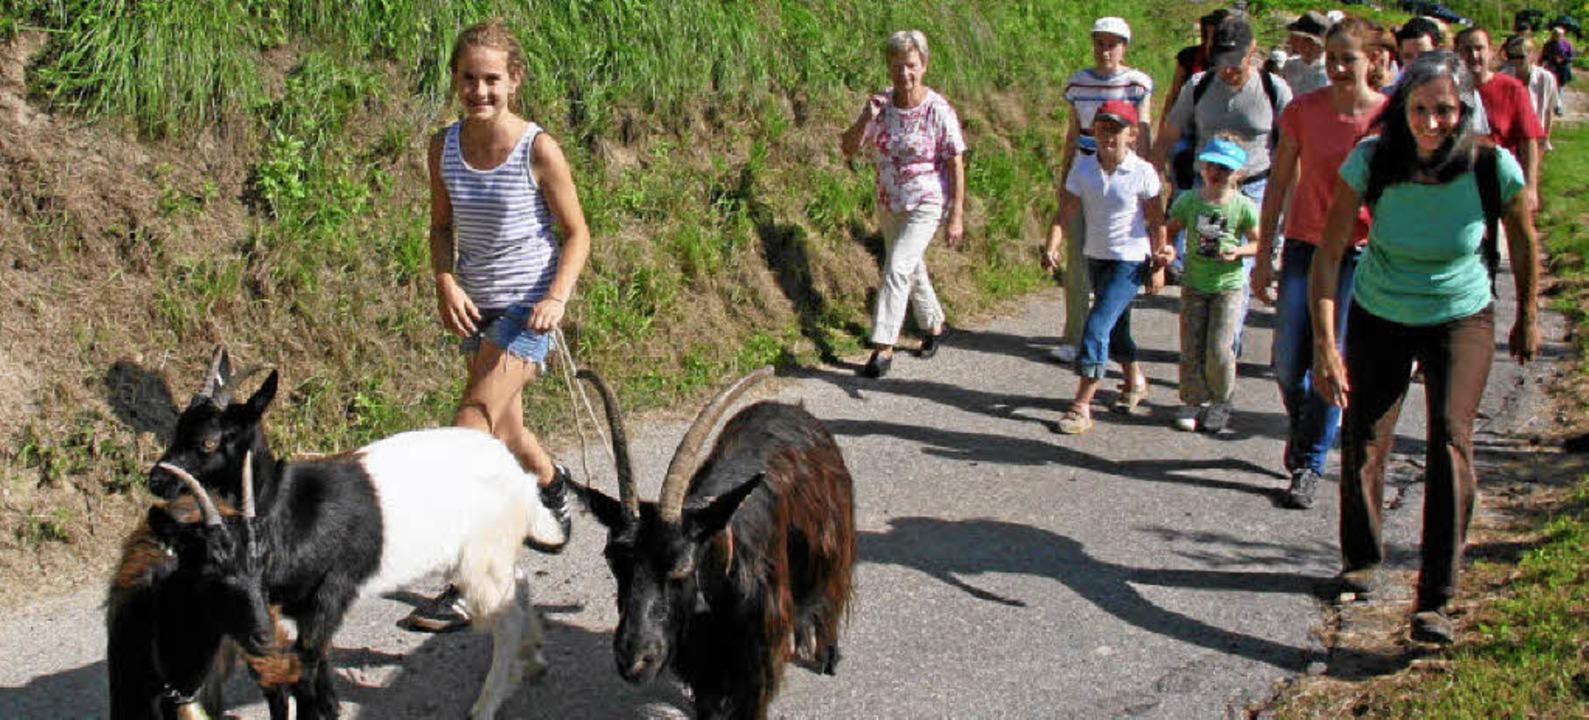 An der Leine von Lara führte die Ziege...freute sich über das große Interesse.   | Foto: herbert trogus